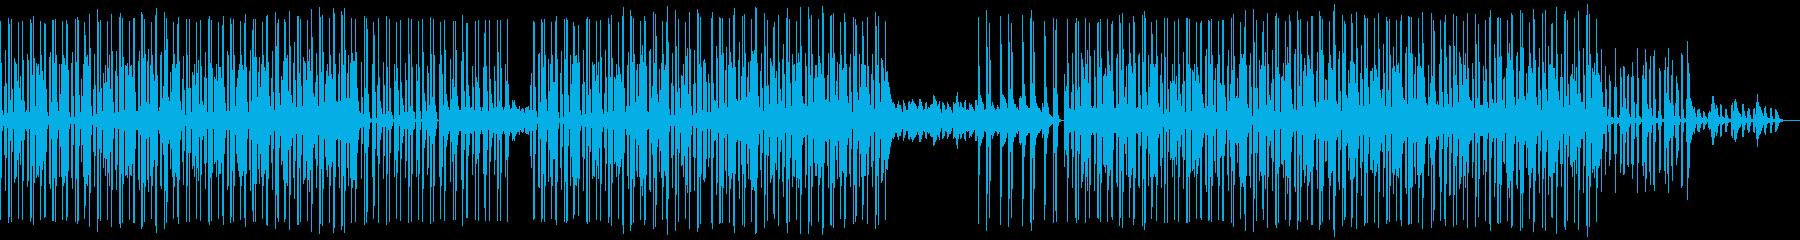 シュールでダンサブルなハウスミュージックの再生済みの波形